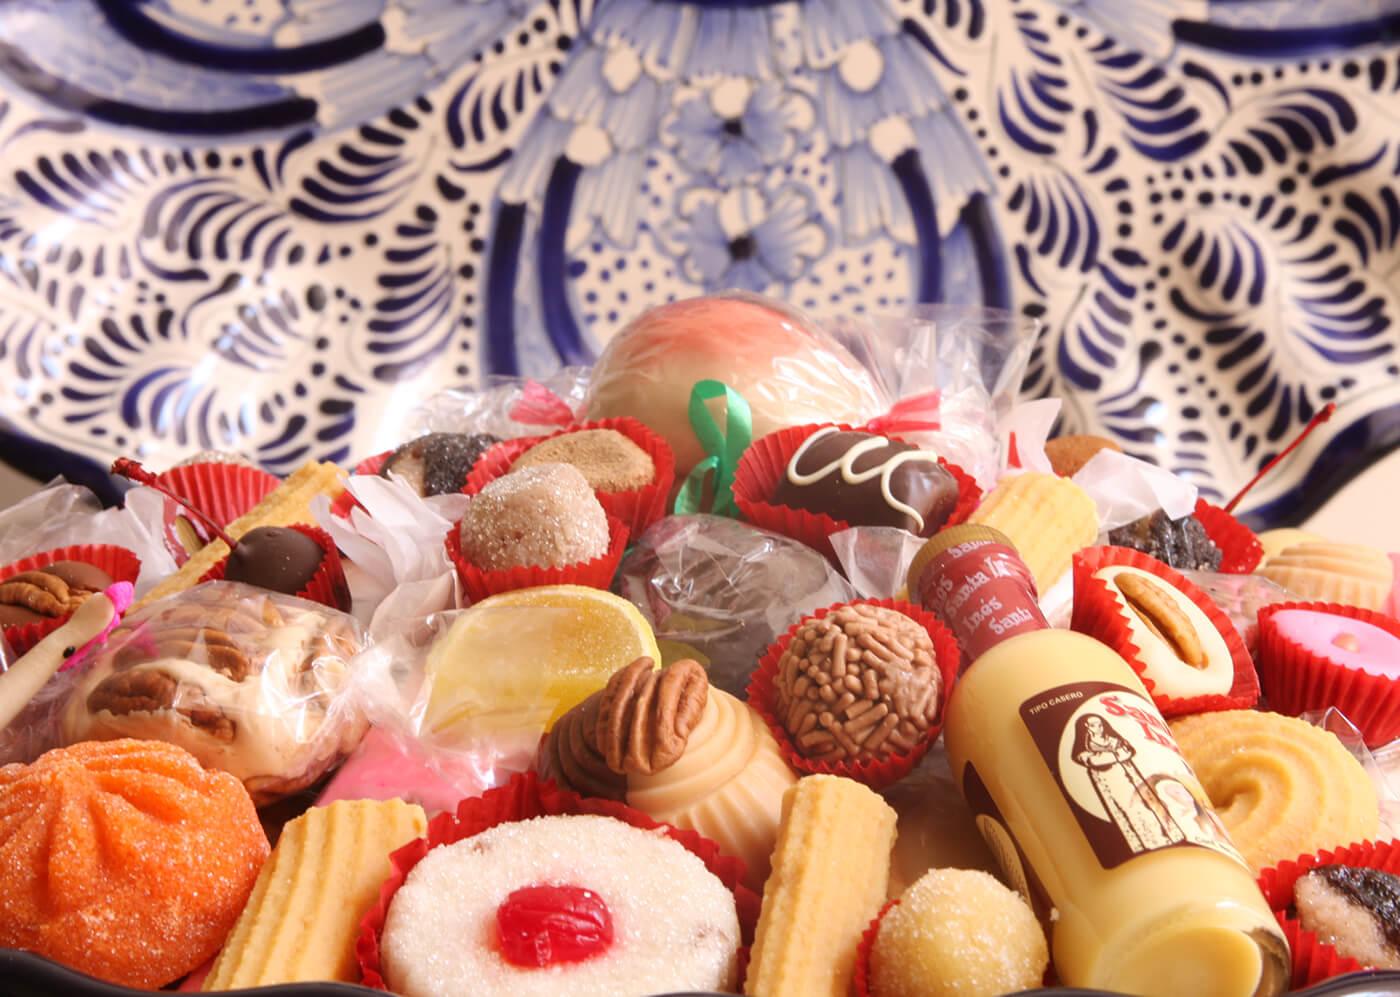 Vista de un plato de dulces poblanos